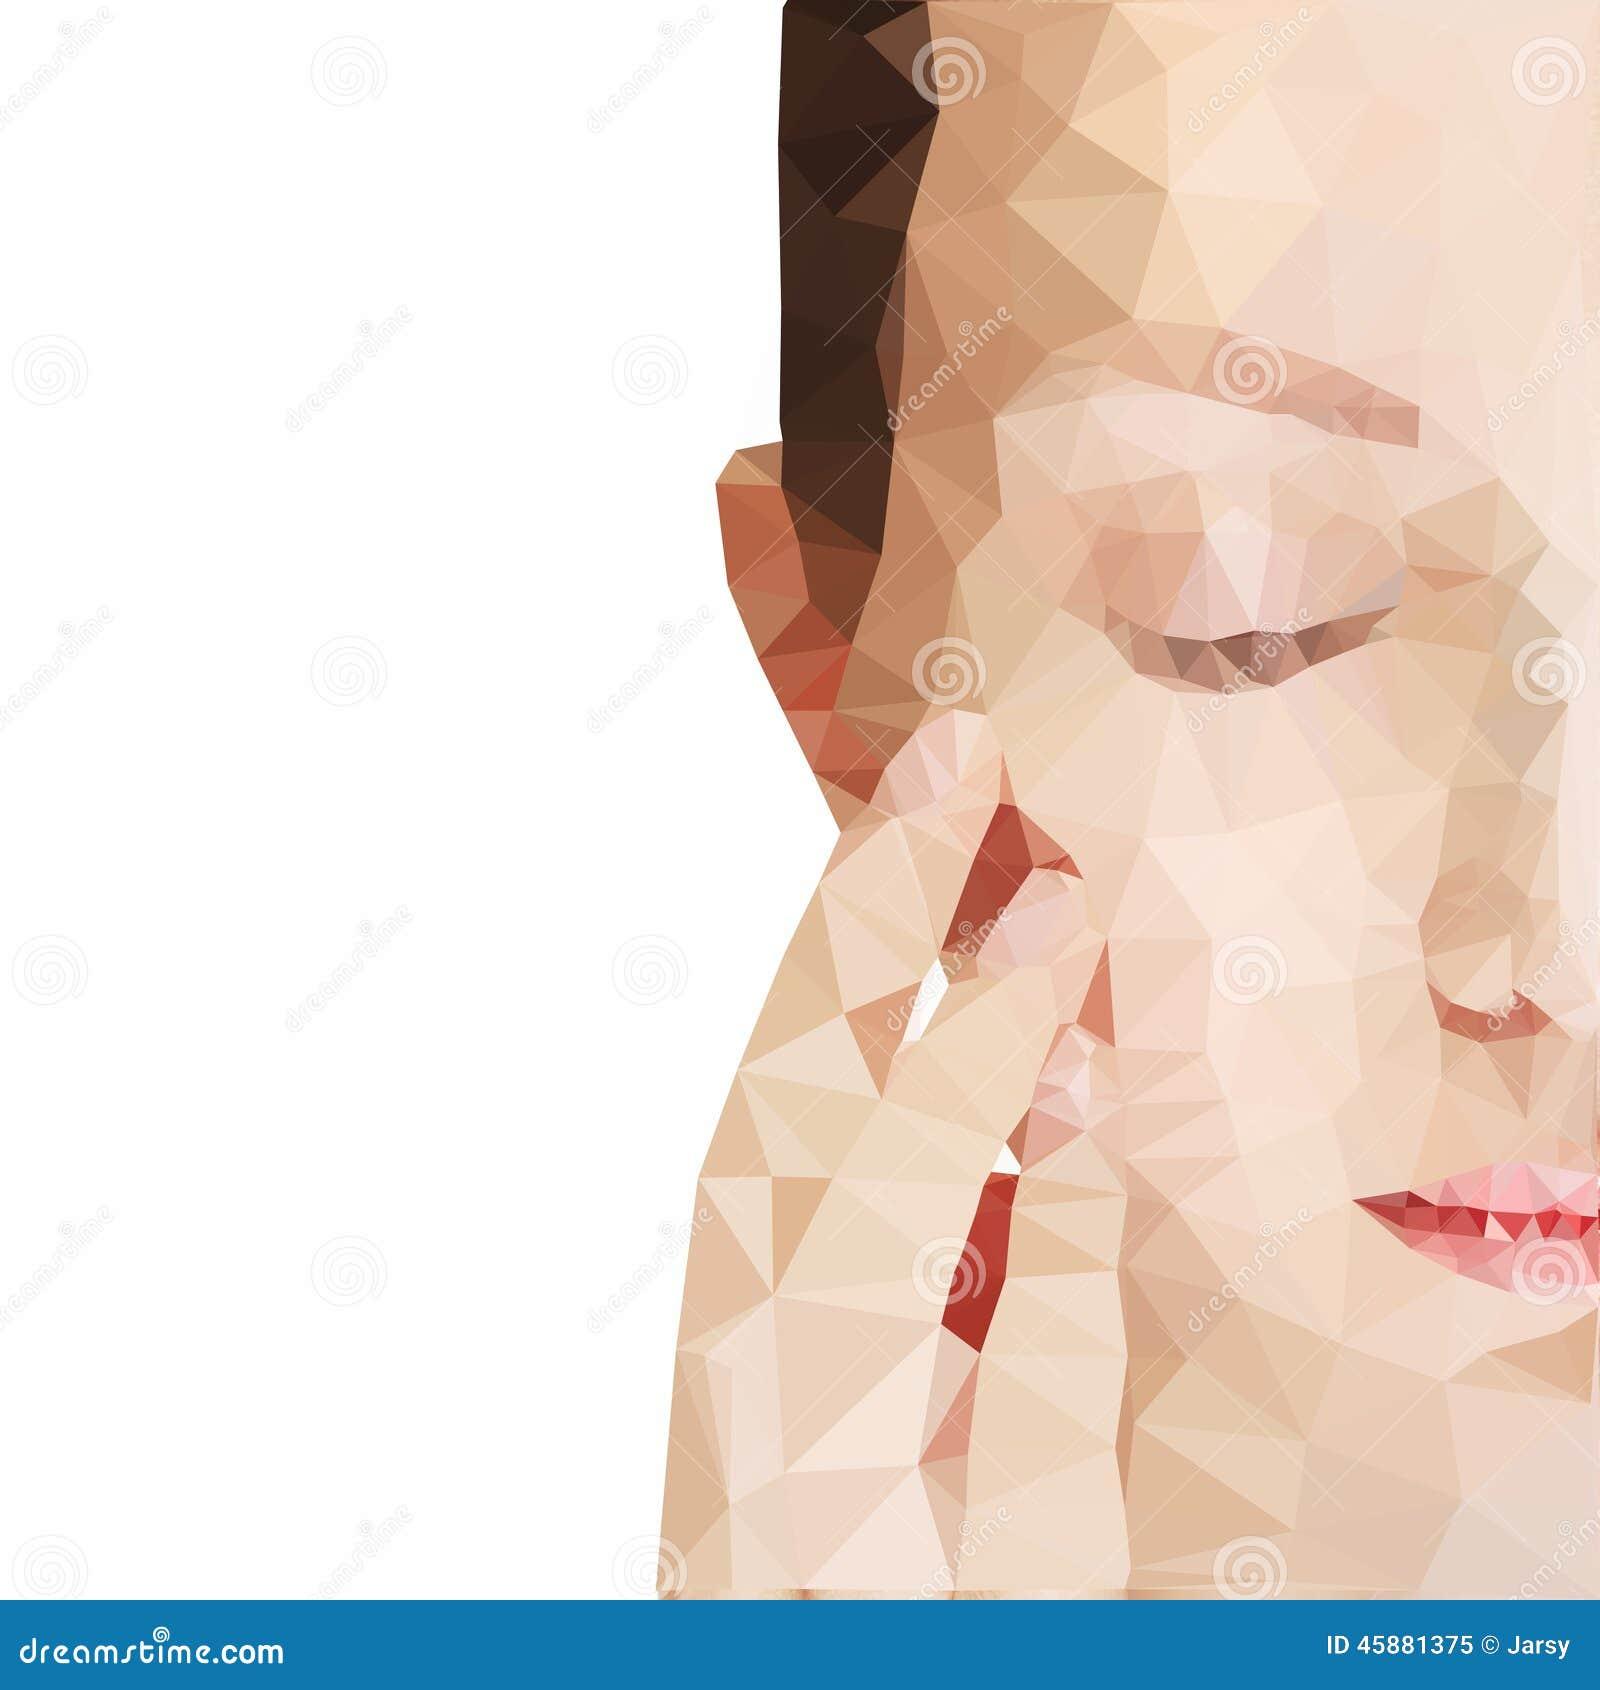 Połowy twarzy kobiety